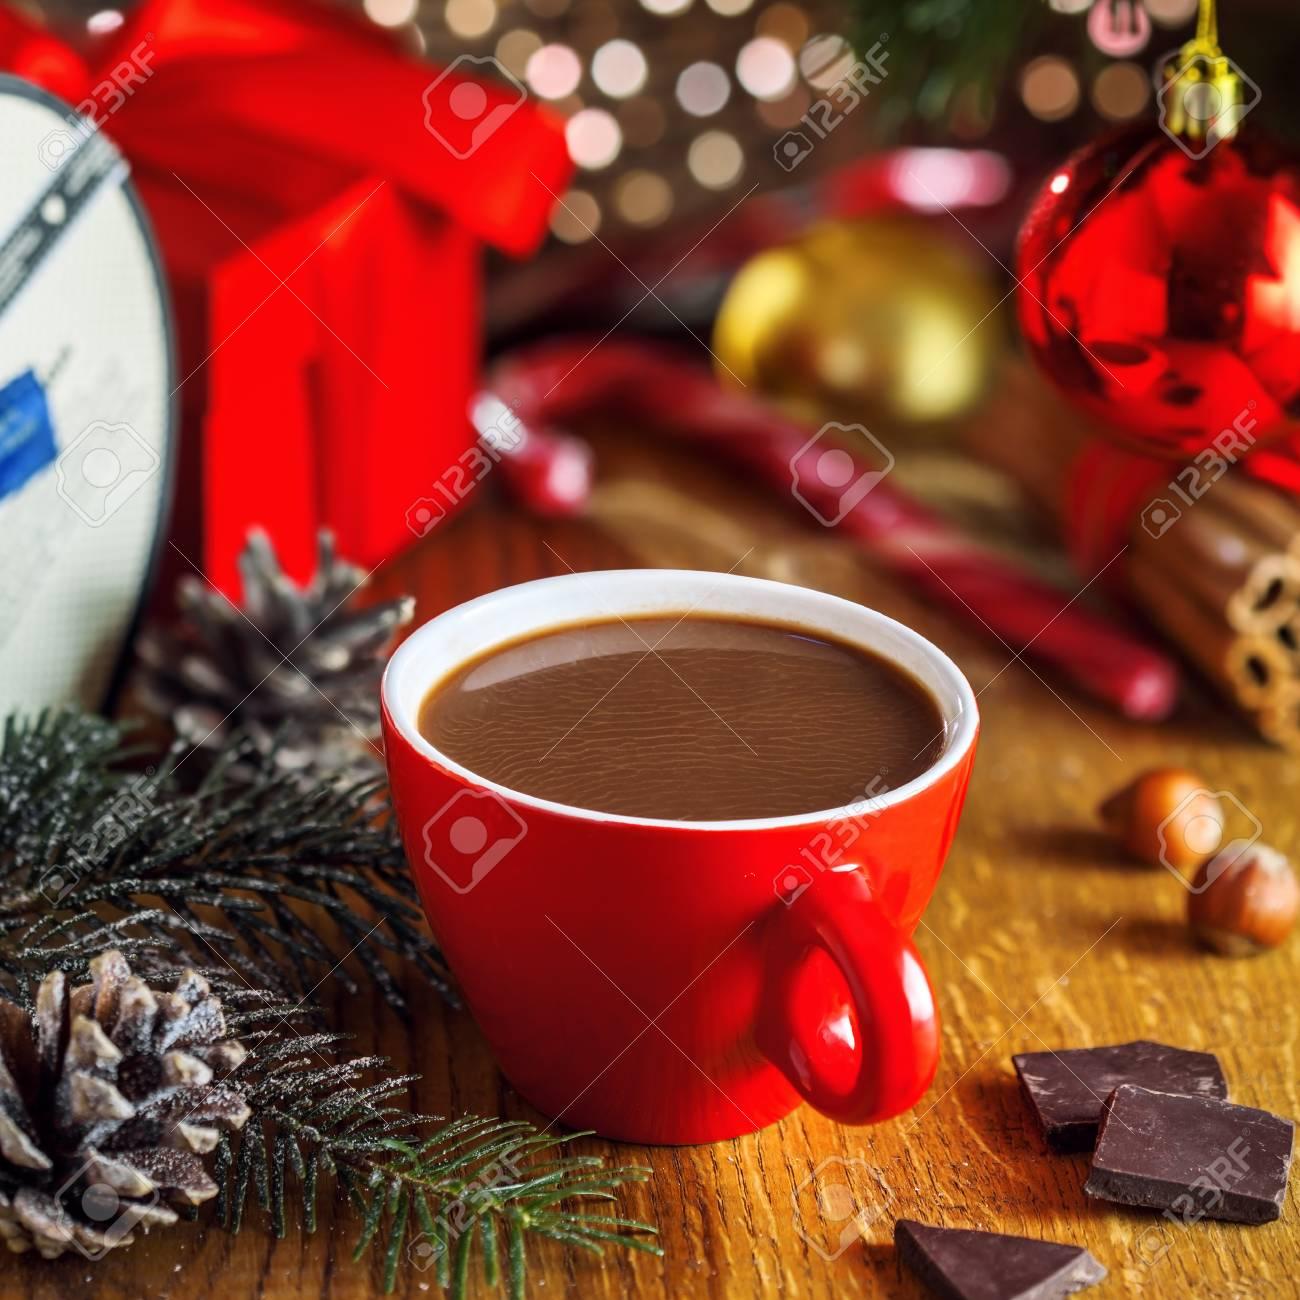 Traditionelle Weihnachtliche Heiße Schokolade Getränk Und Geschenk ...